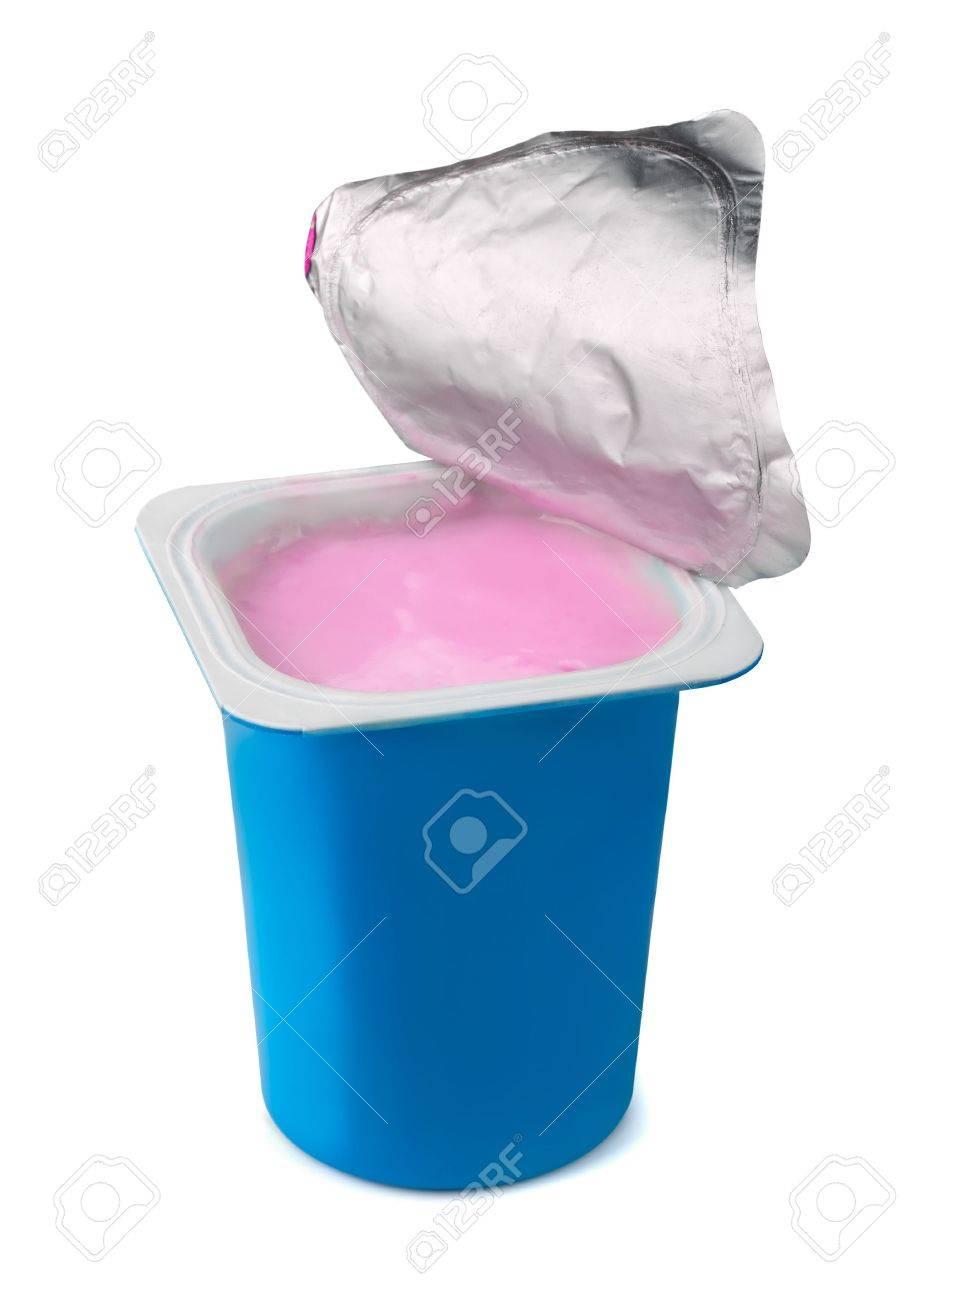 16819008-fruit-yoghurt-in-blauw-plastic-doos-op-wit-wordt-ge%C3%AFsoleerd.jpg